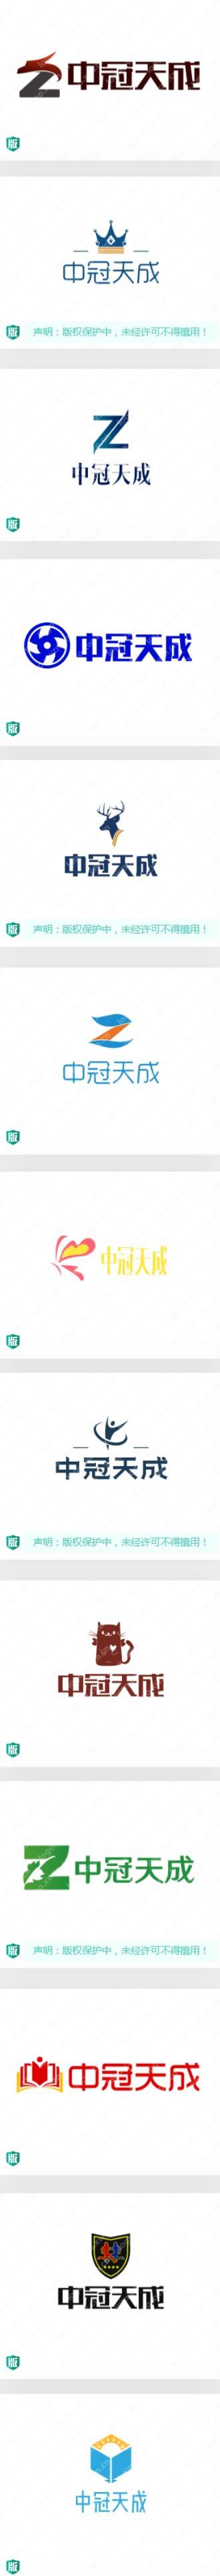 """20款创意精美的""""中冠天成""""logo设计欣赏"""